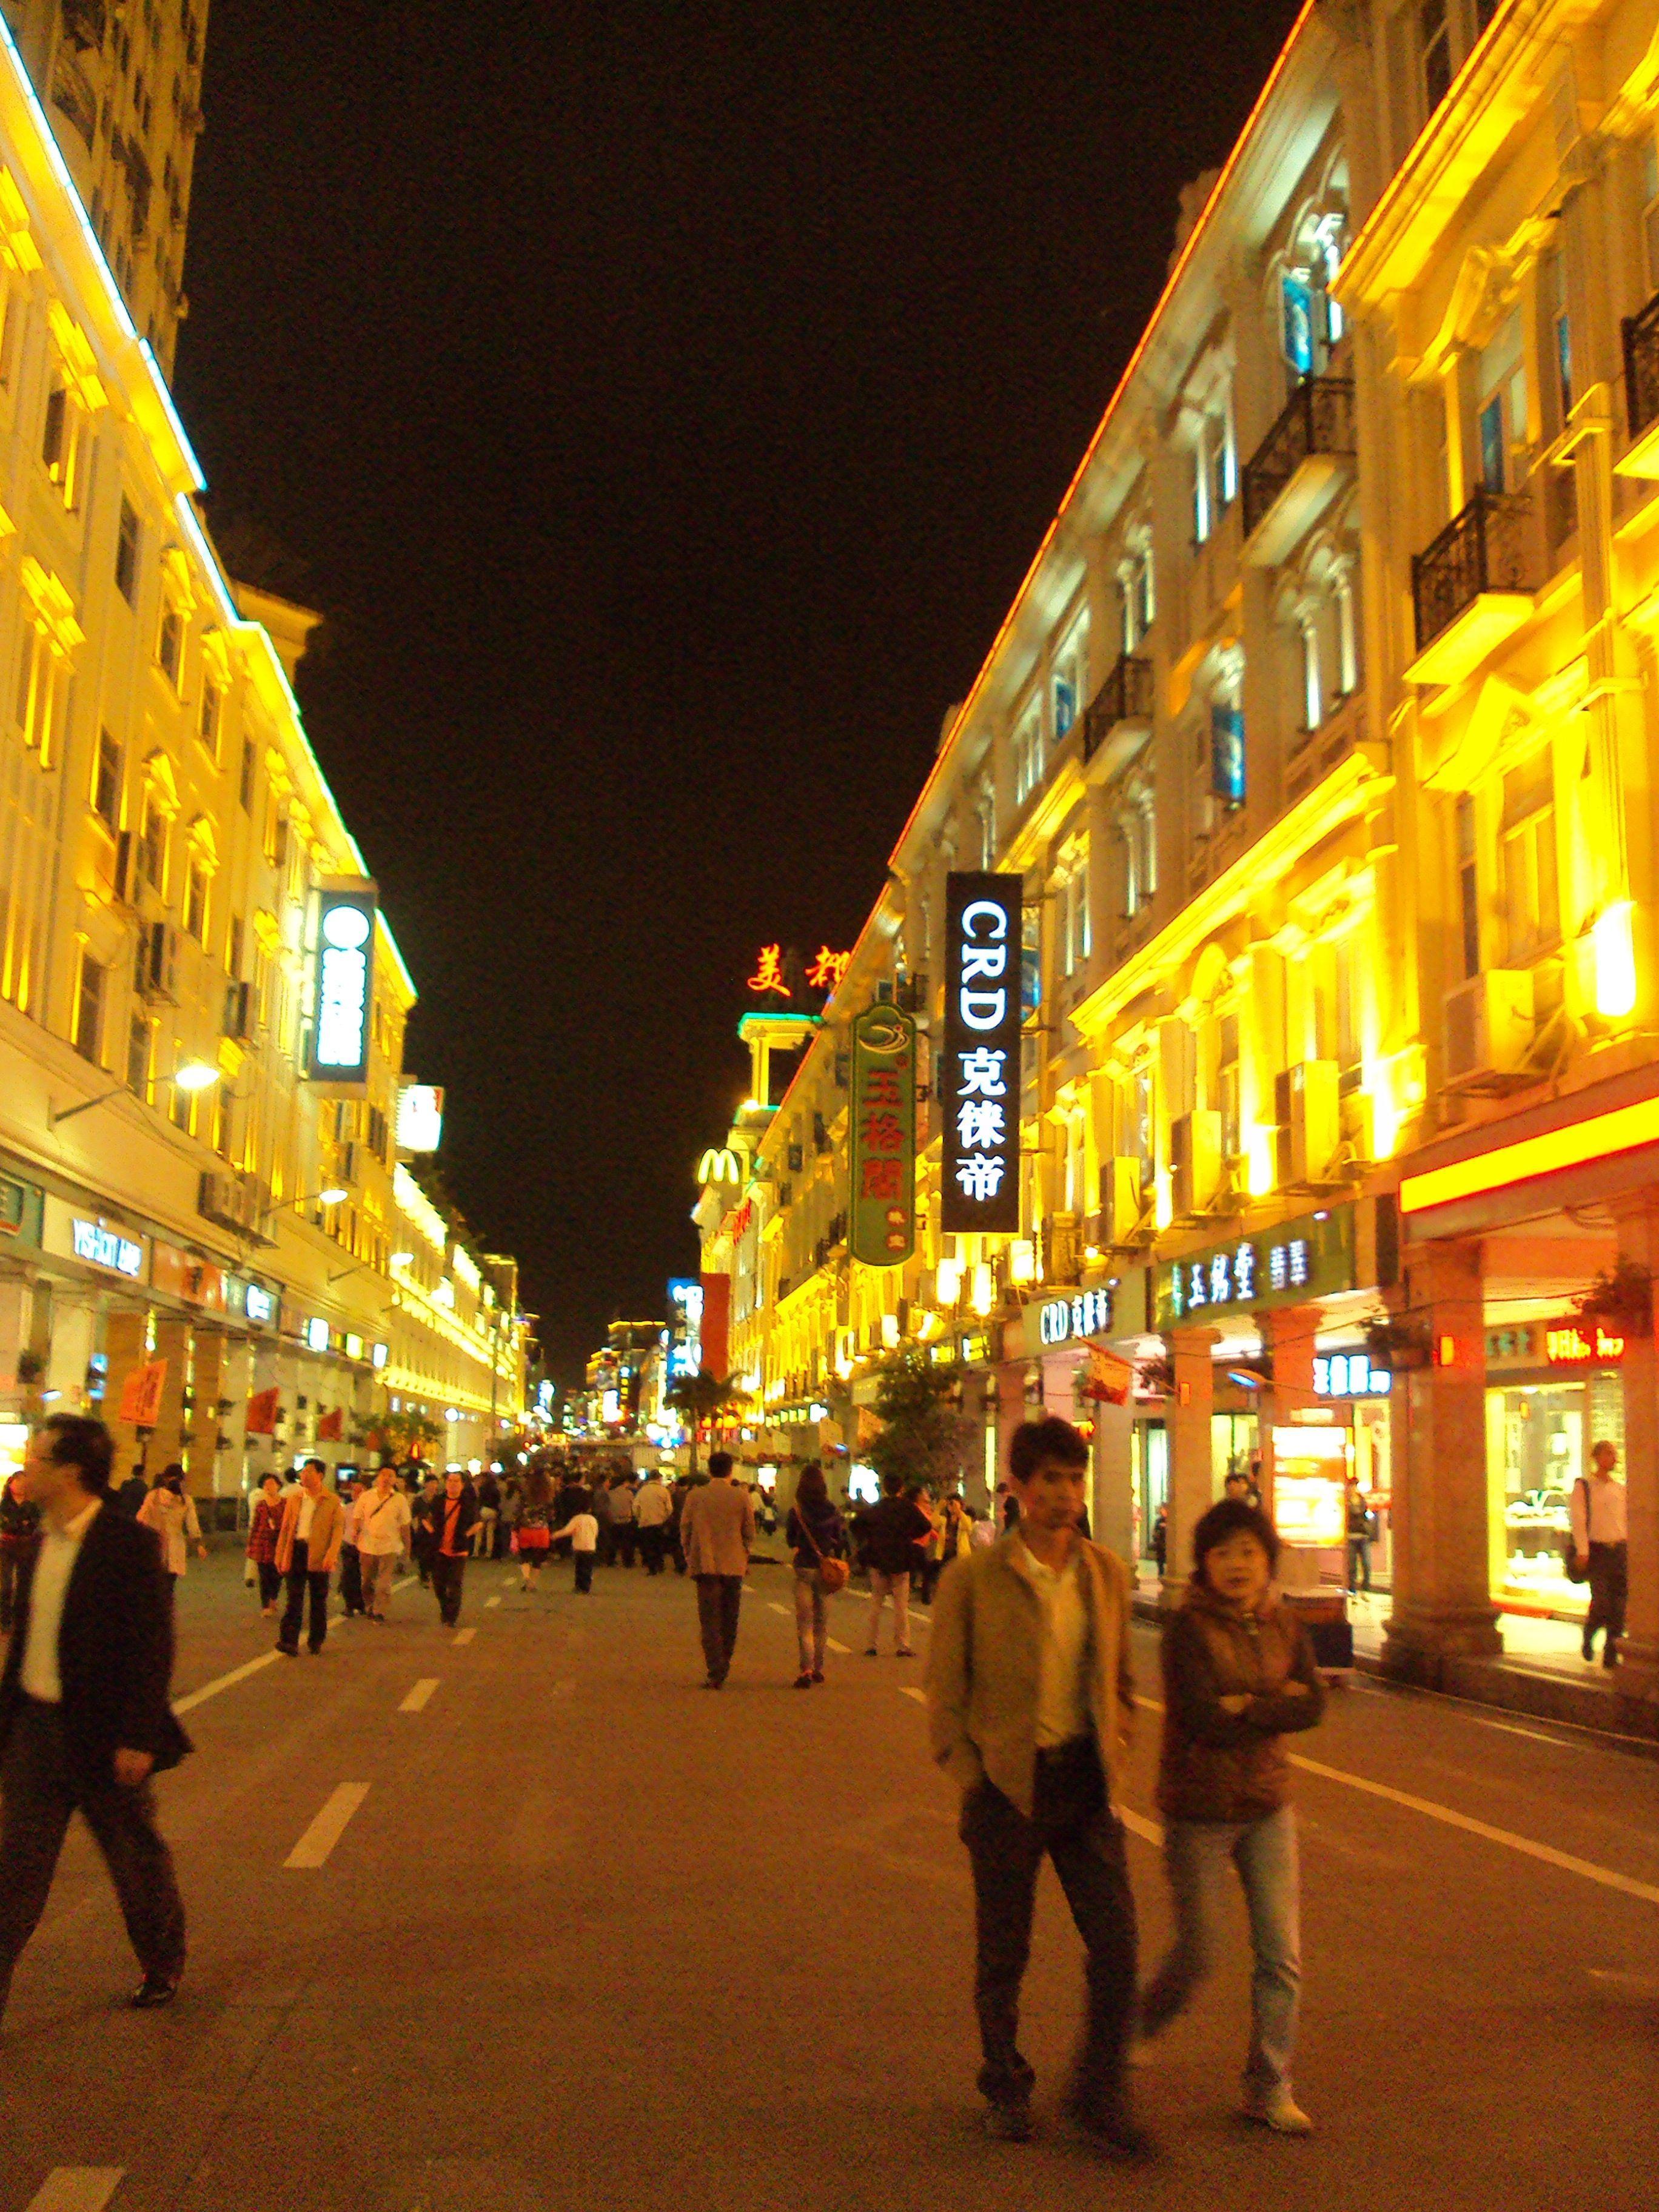 Zhongshan Lu in Xiamen, Fujian, China